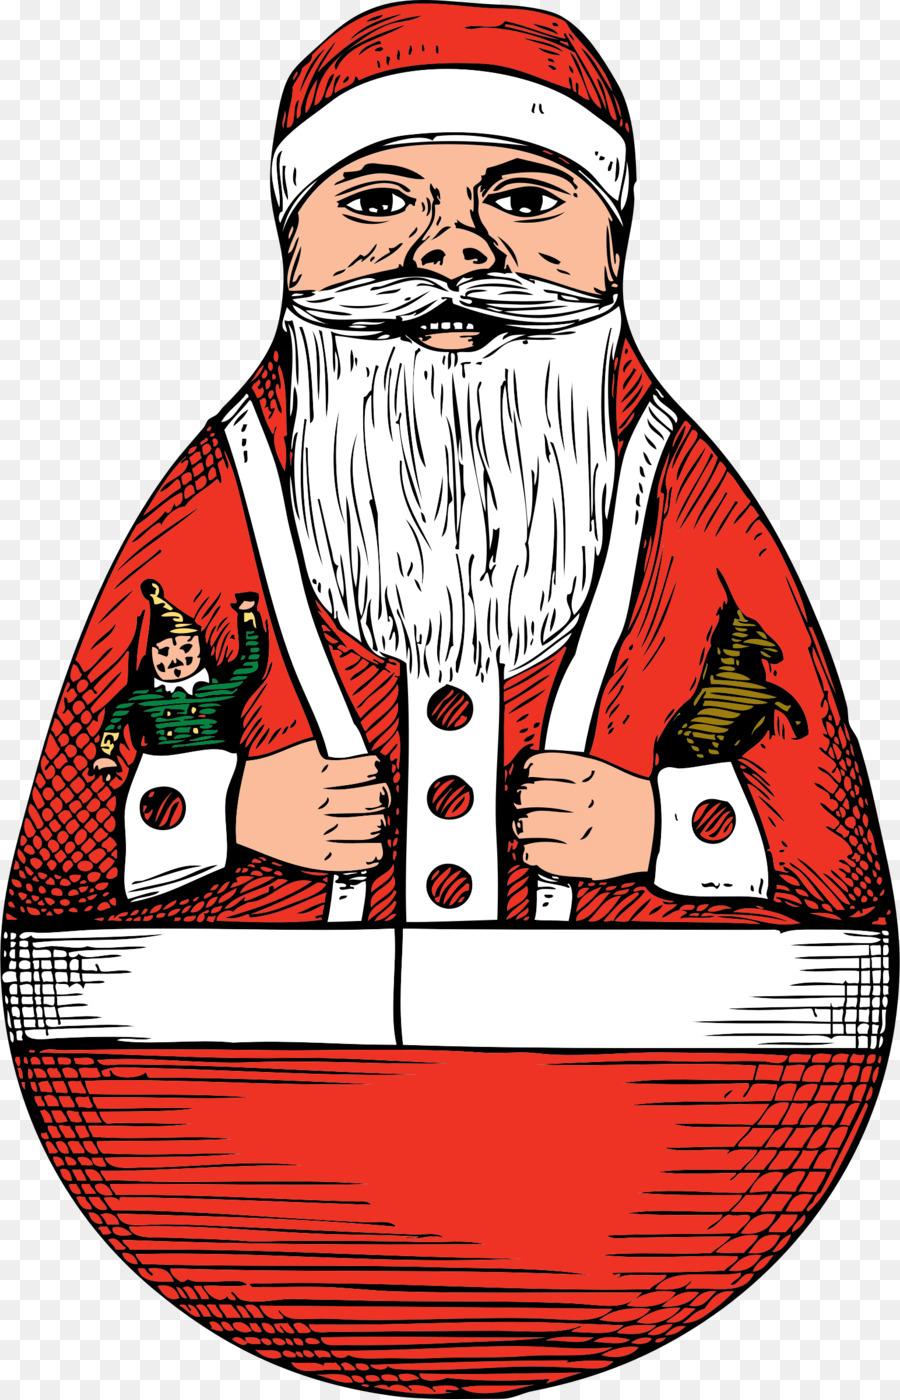 Descarga gratuita de Santa Claus, Camiseta, Reno Imágen de Png